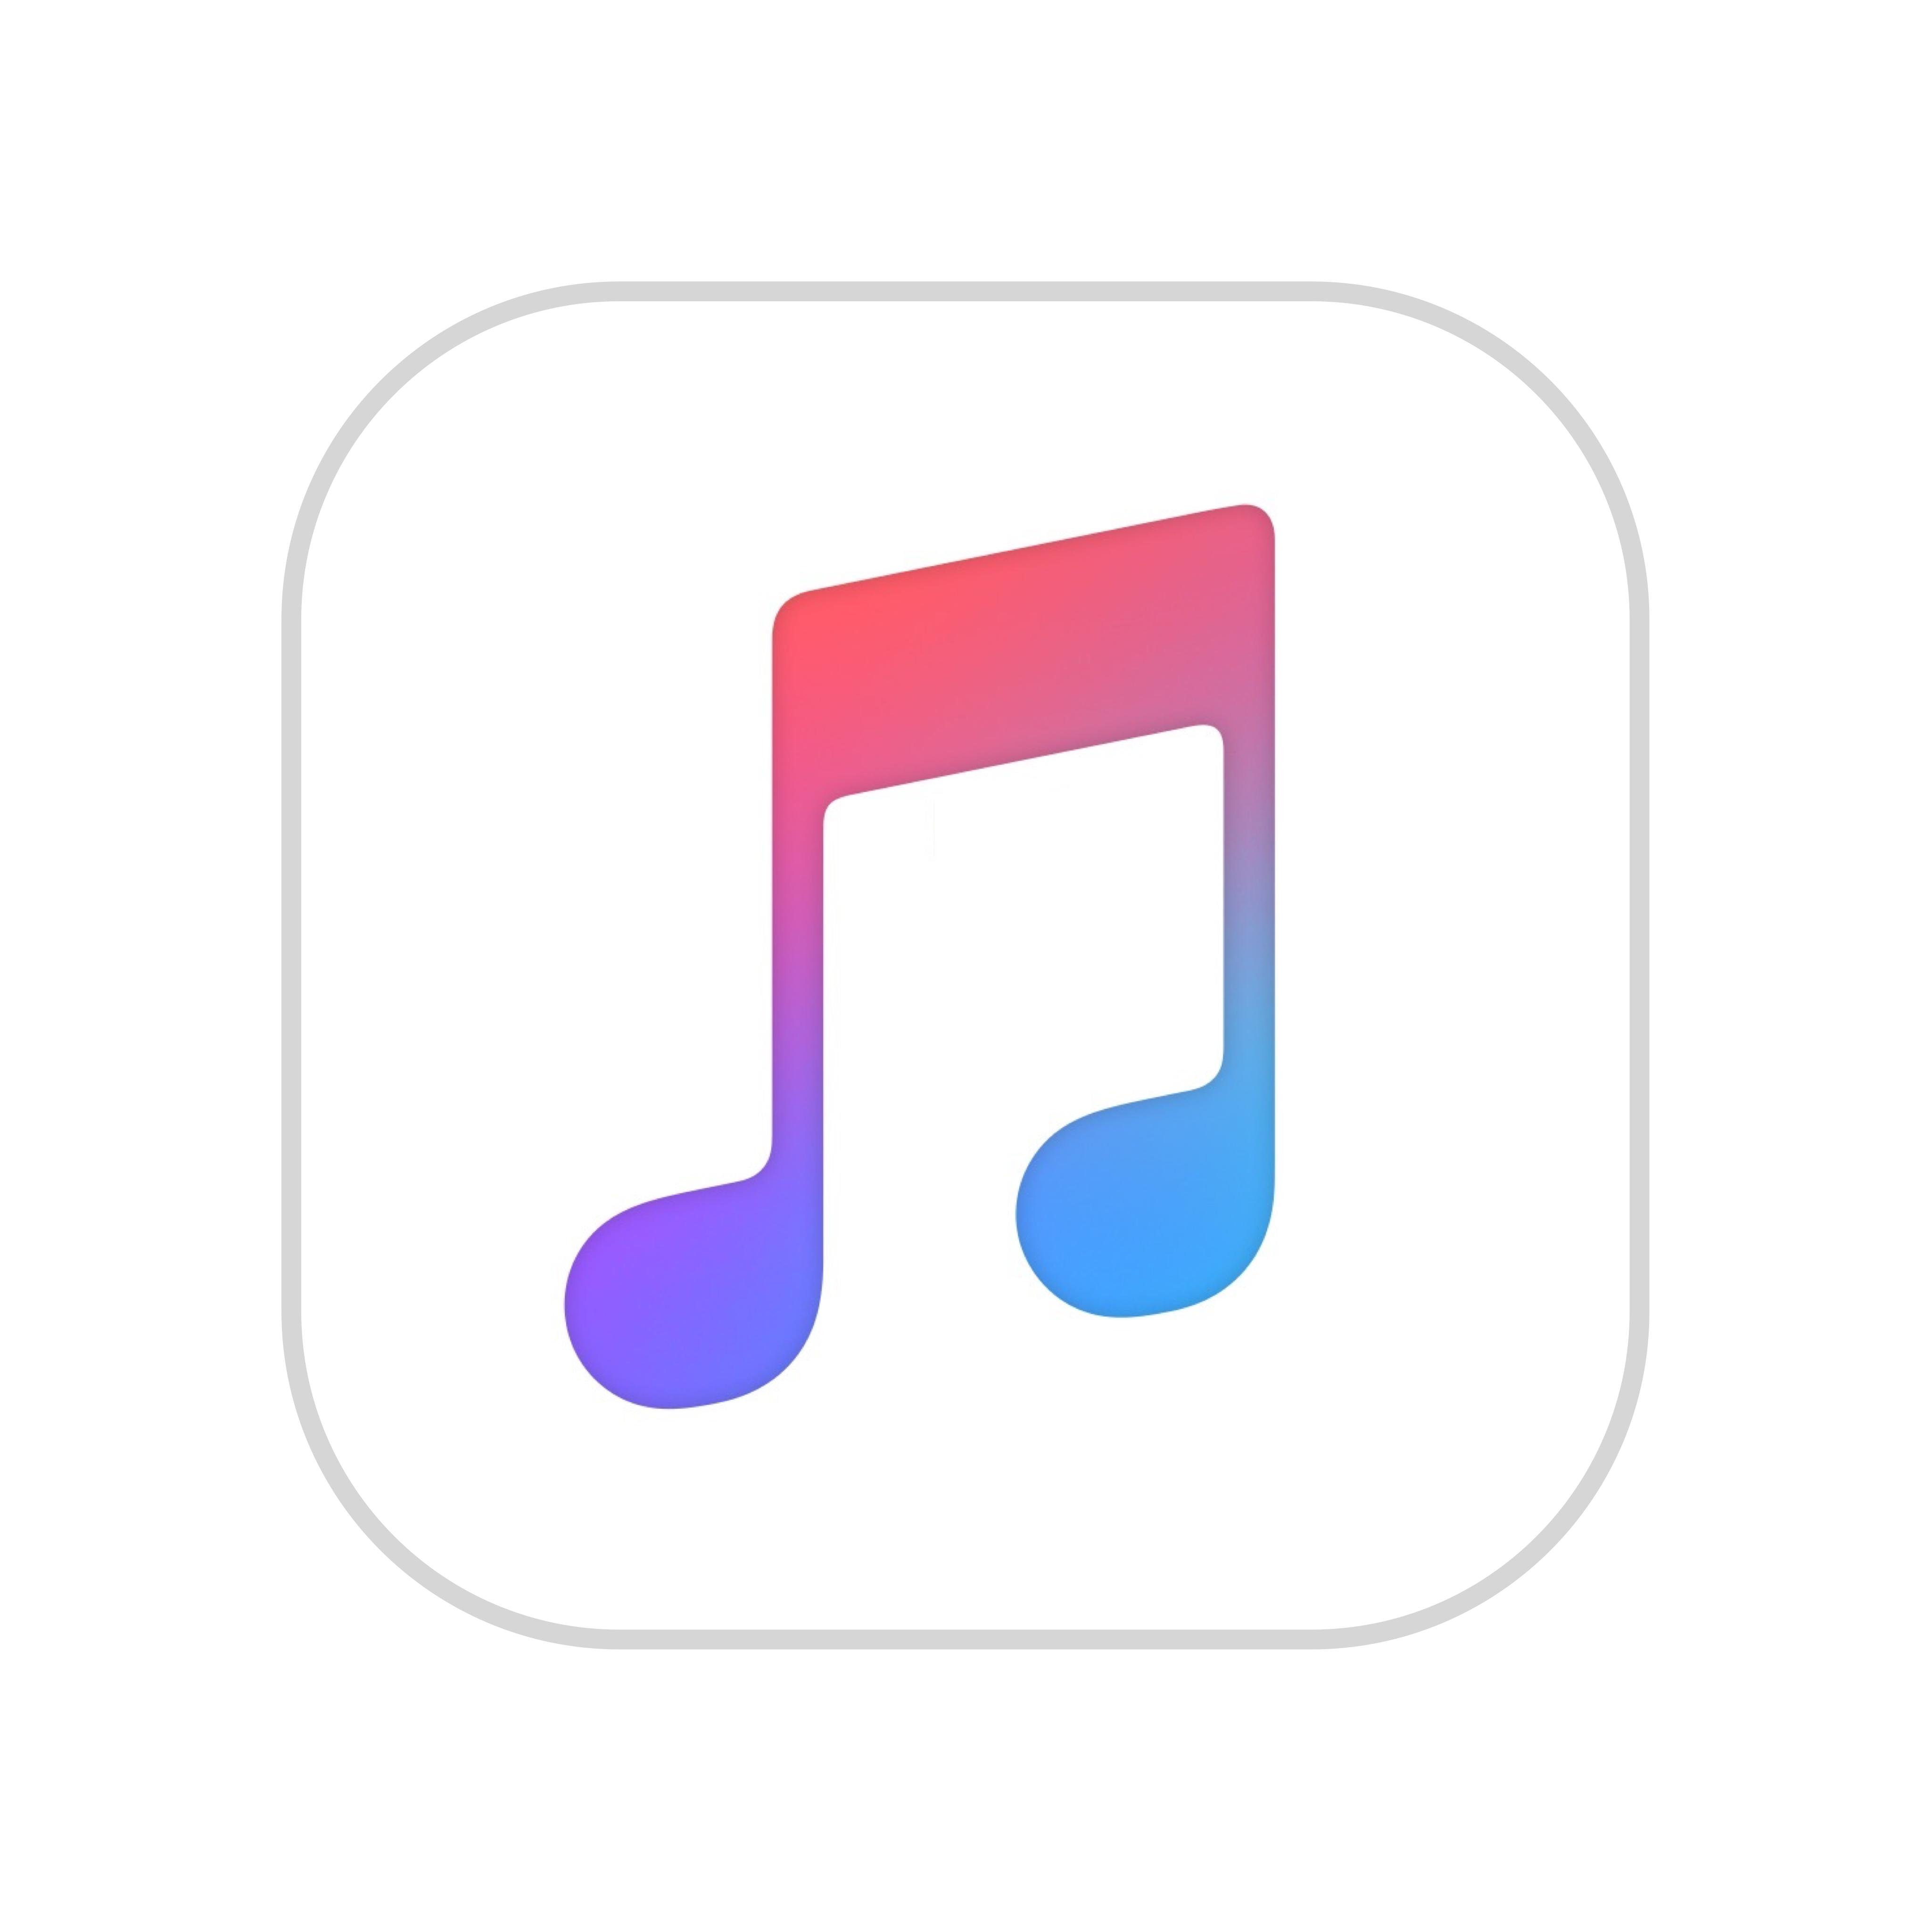 2019苹果音乐免费领取软件免费使用3个月